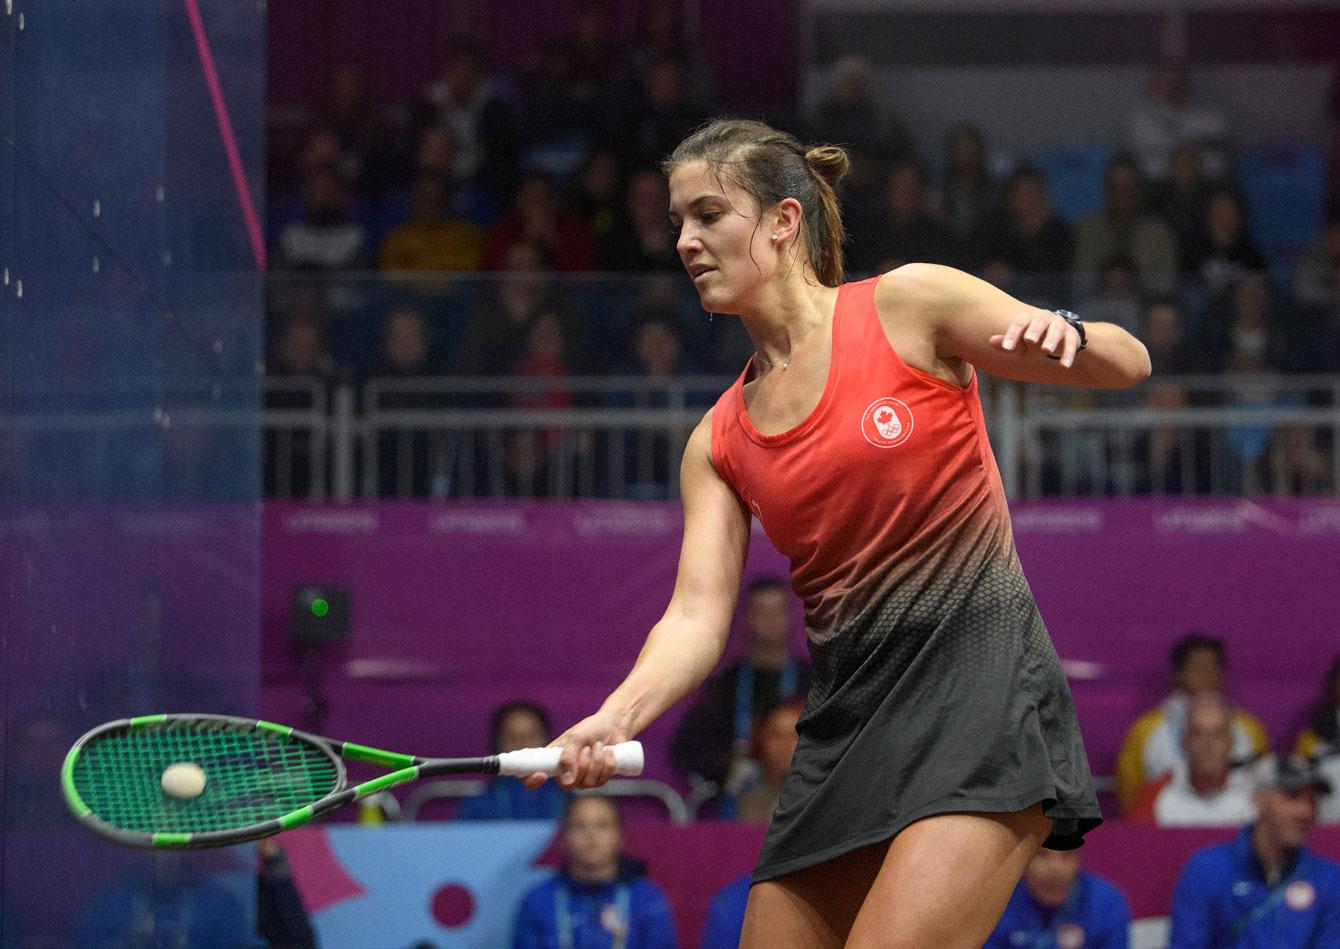 Samantha Cornett plays squash